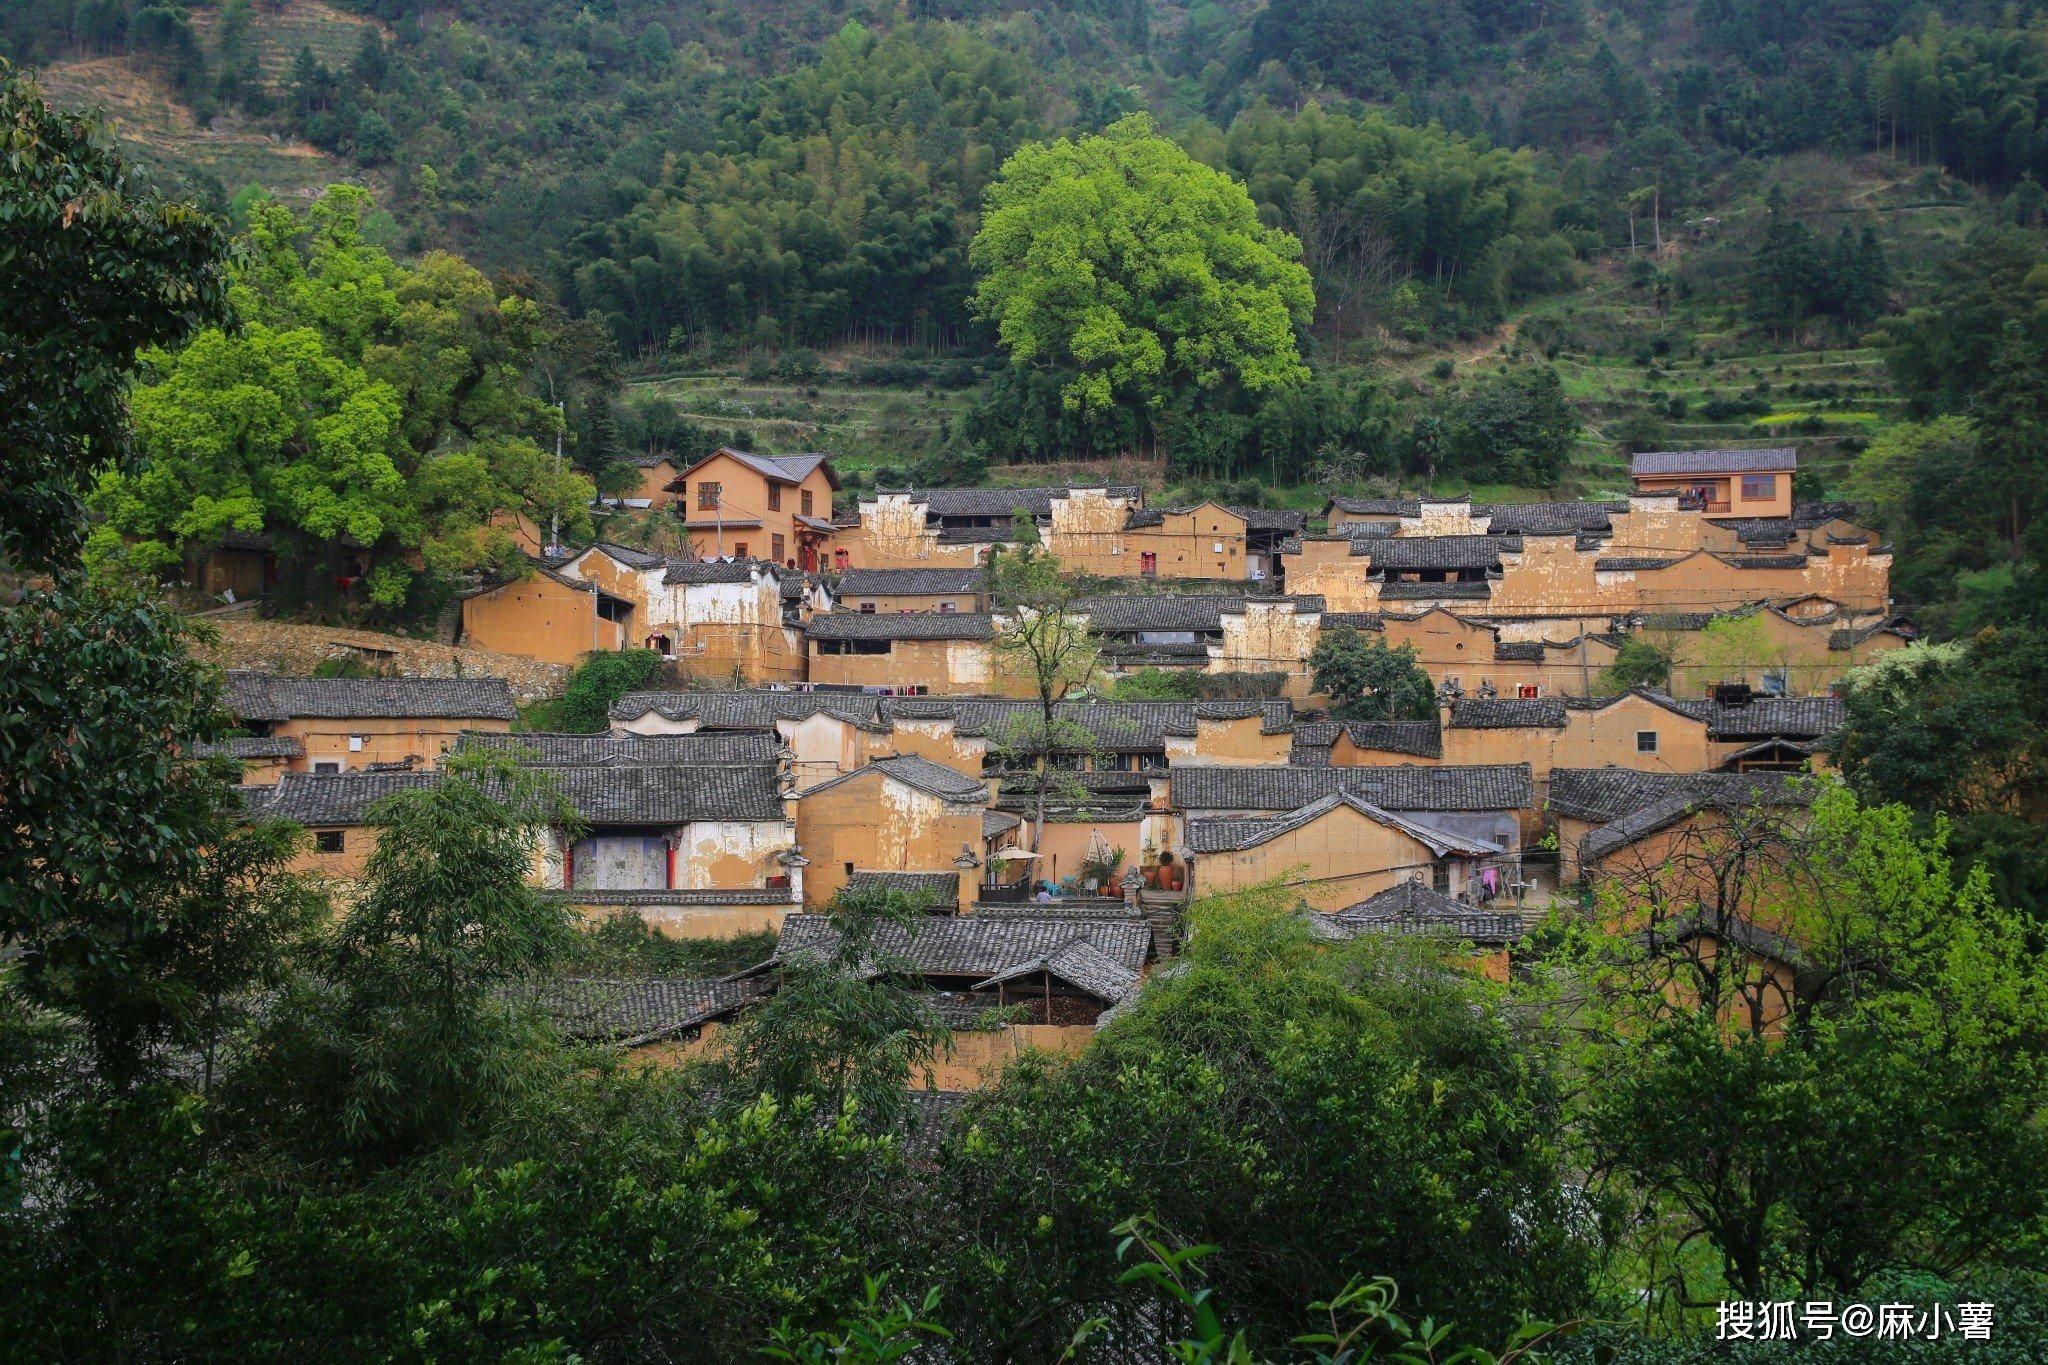 浙南藏了一座300年的古村,有金色布达拉宫之称,环境非常原生态